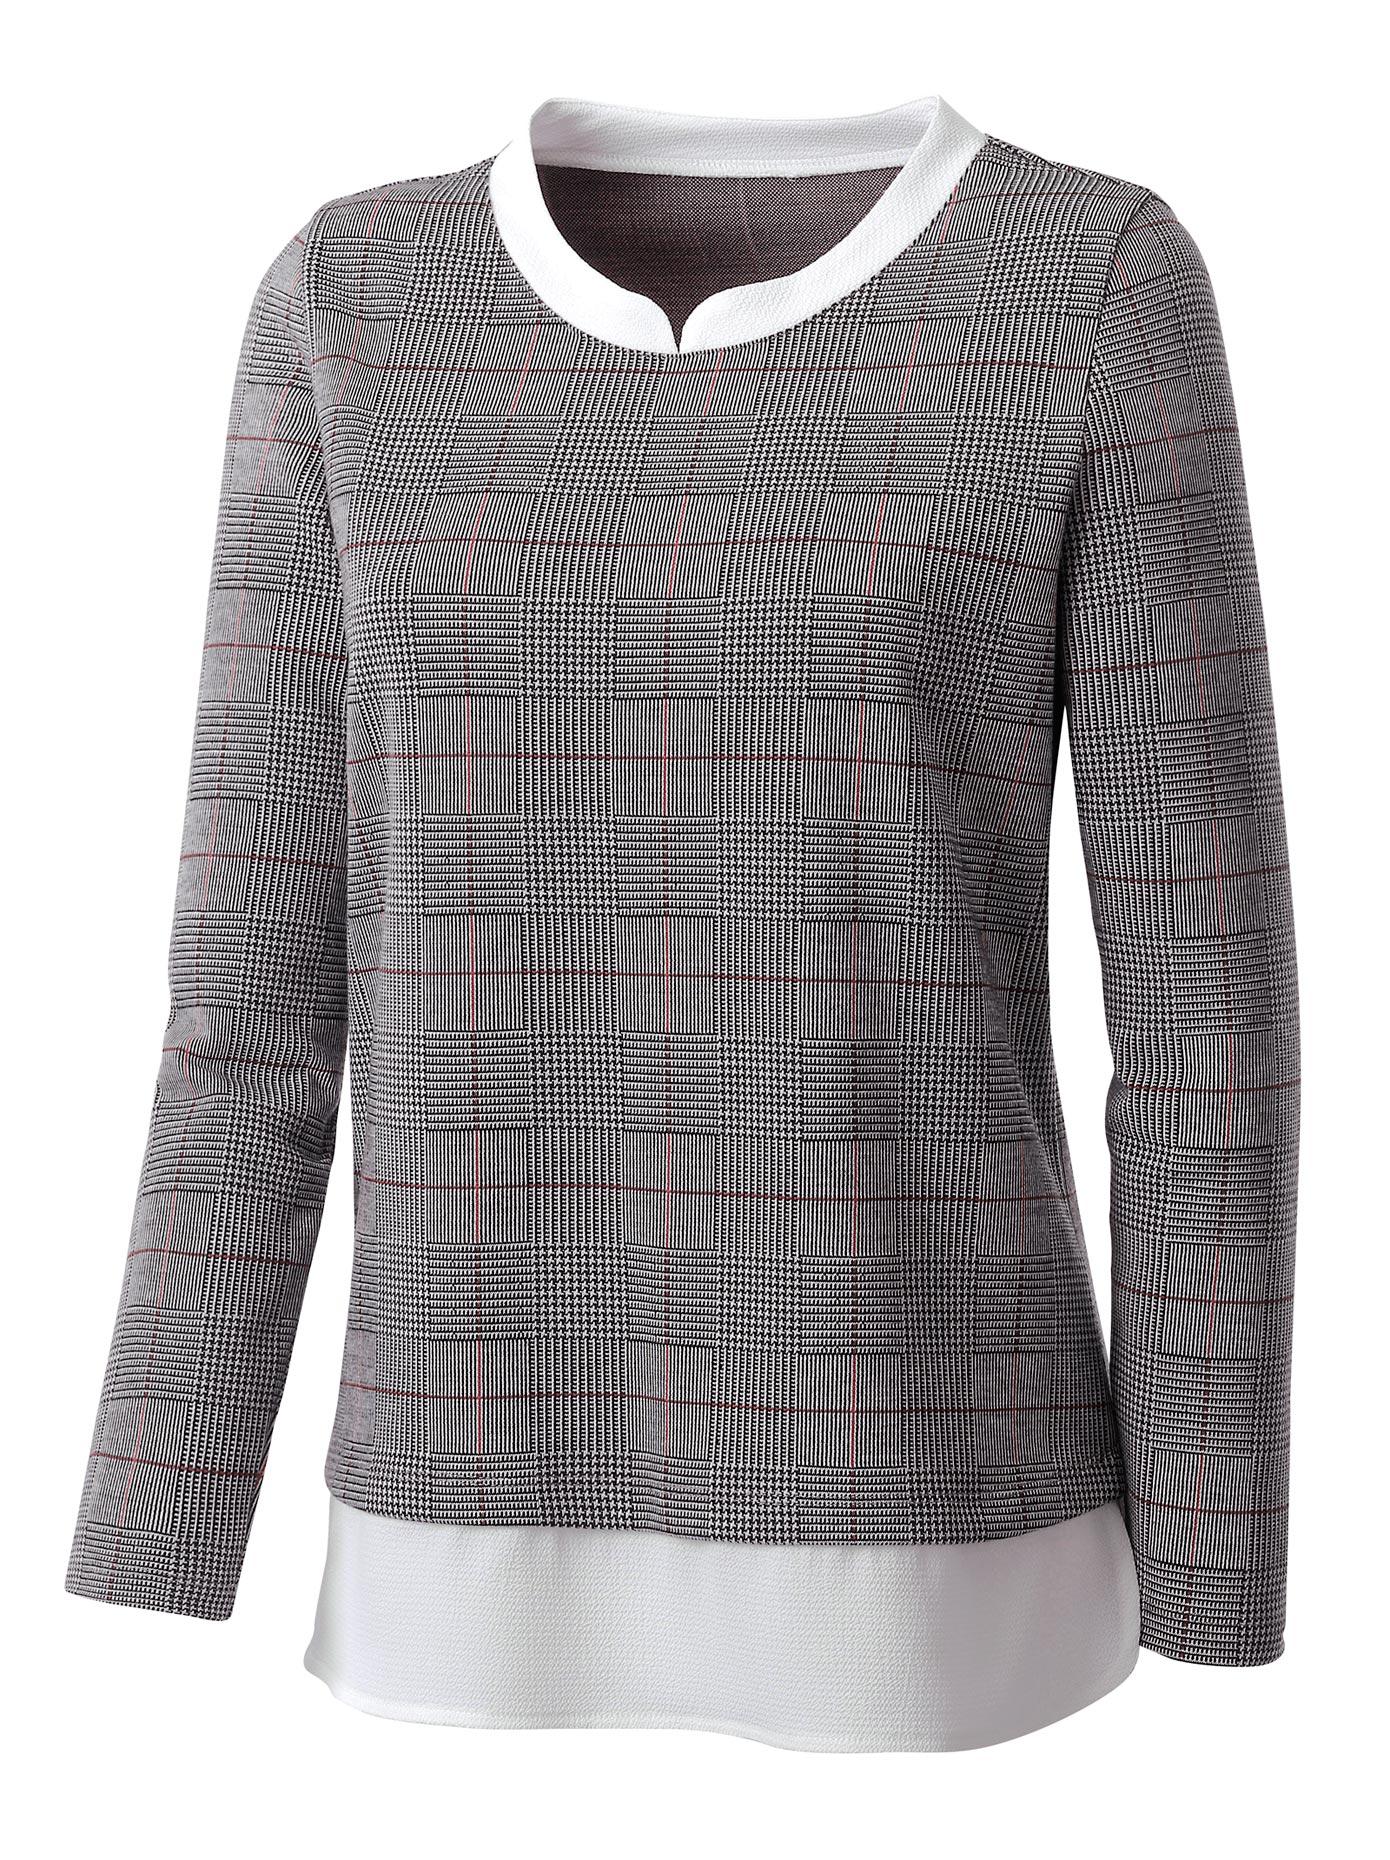 Inspirationen 2-in-1-Shirt mit gewebten Einsatz   Bekleidung > Shirts > 2-in-1 Shirts   Inspirationen